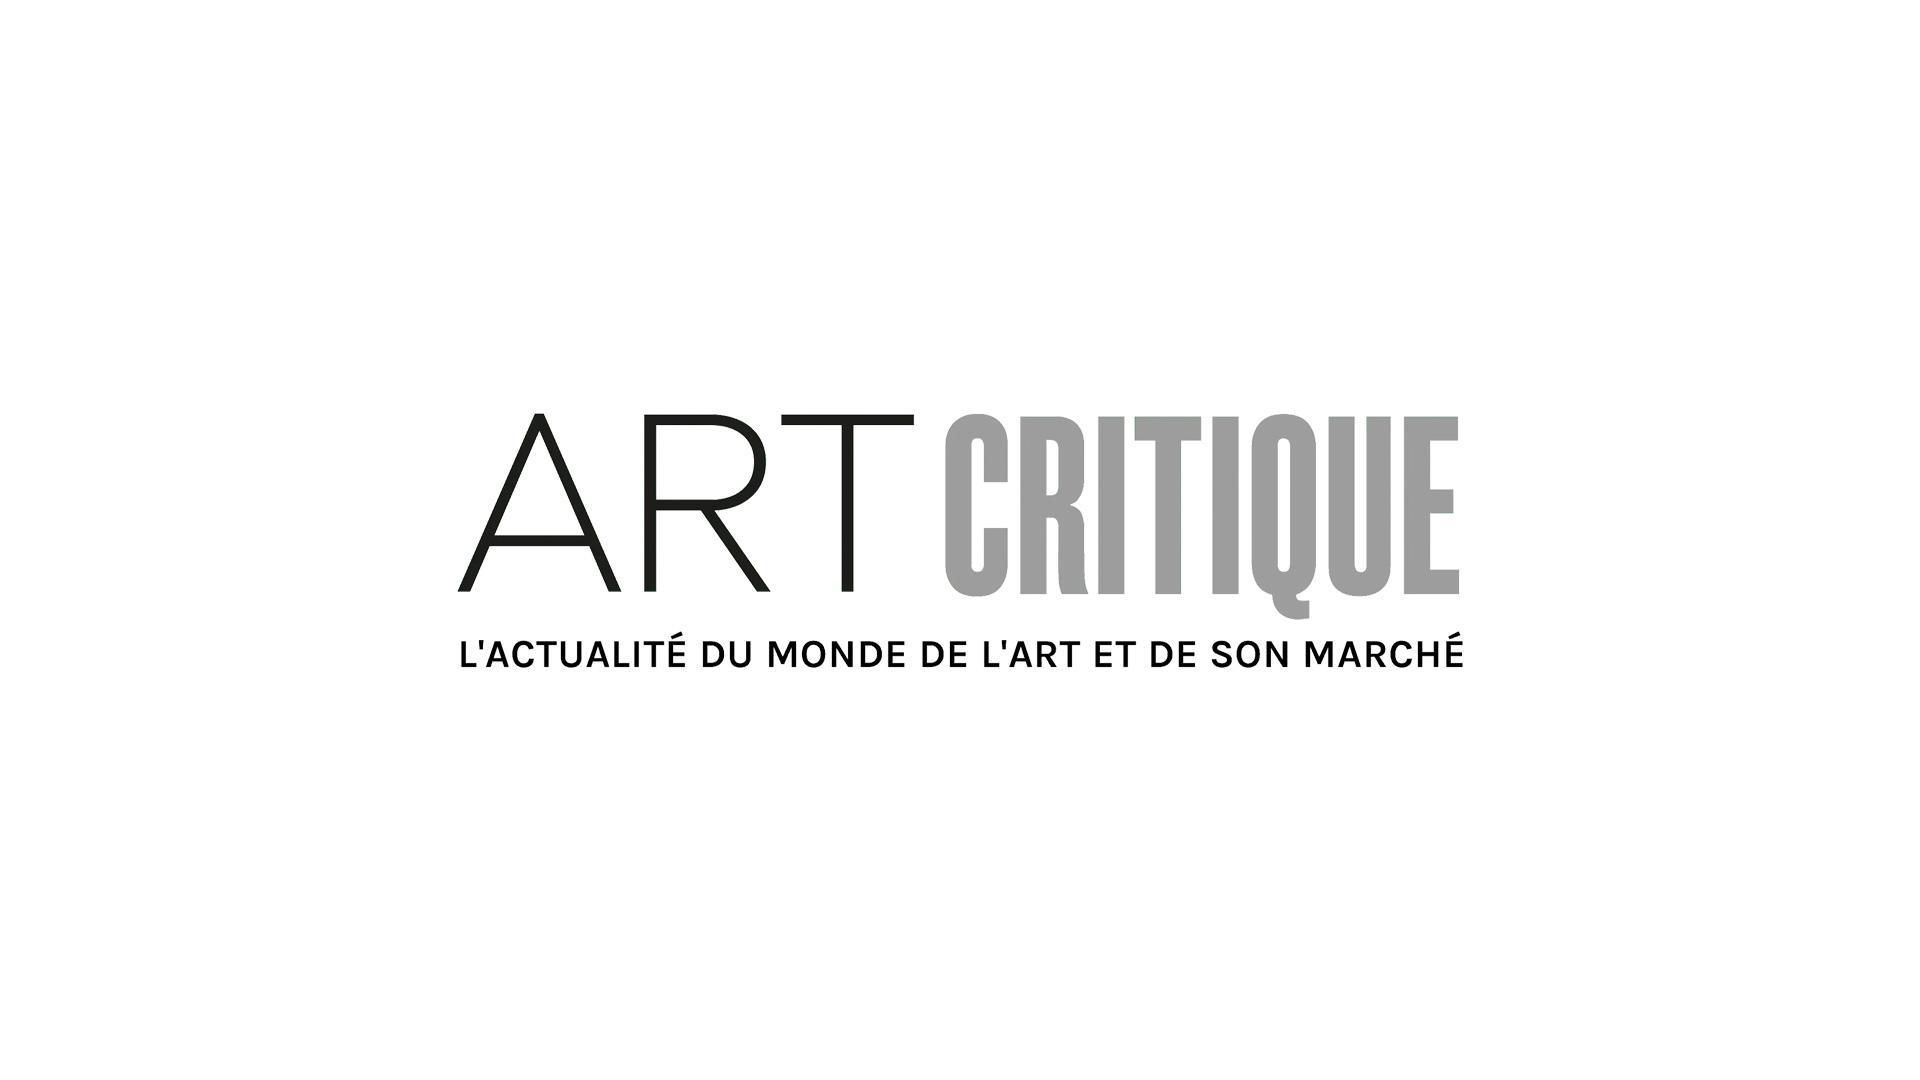 Les «Fantaisies héroïques» de Tolkien au Palais idéal